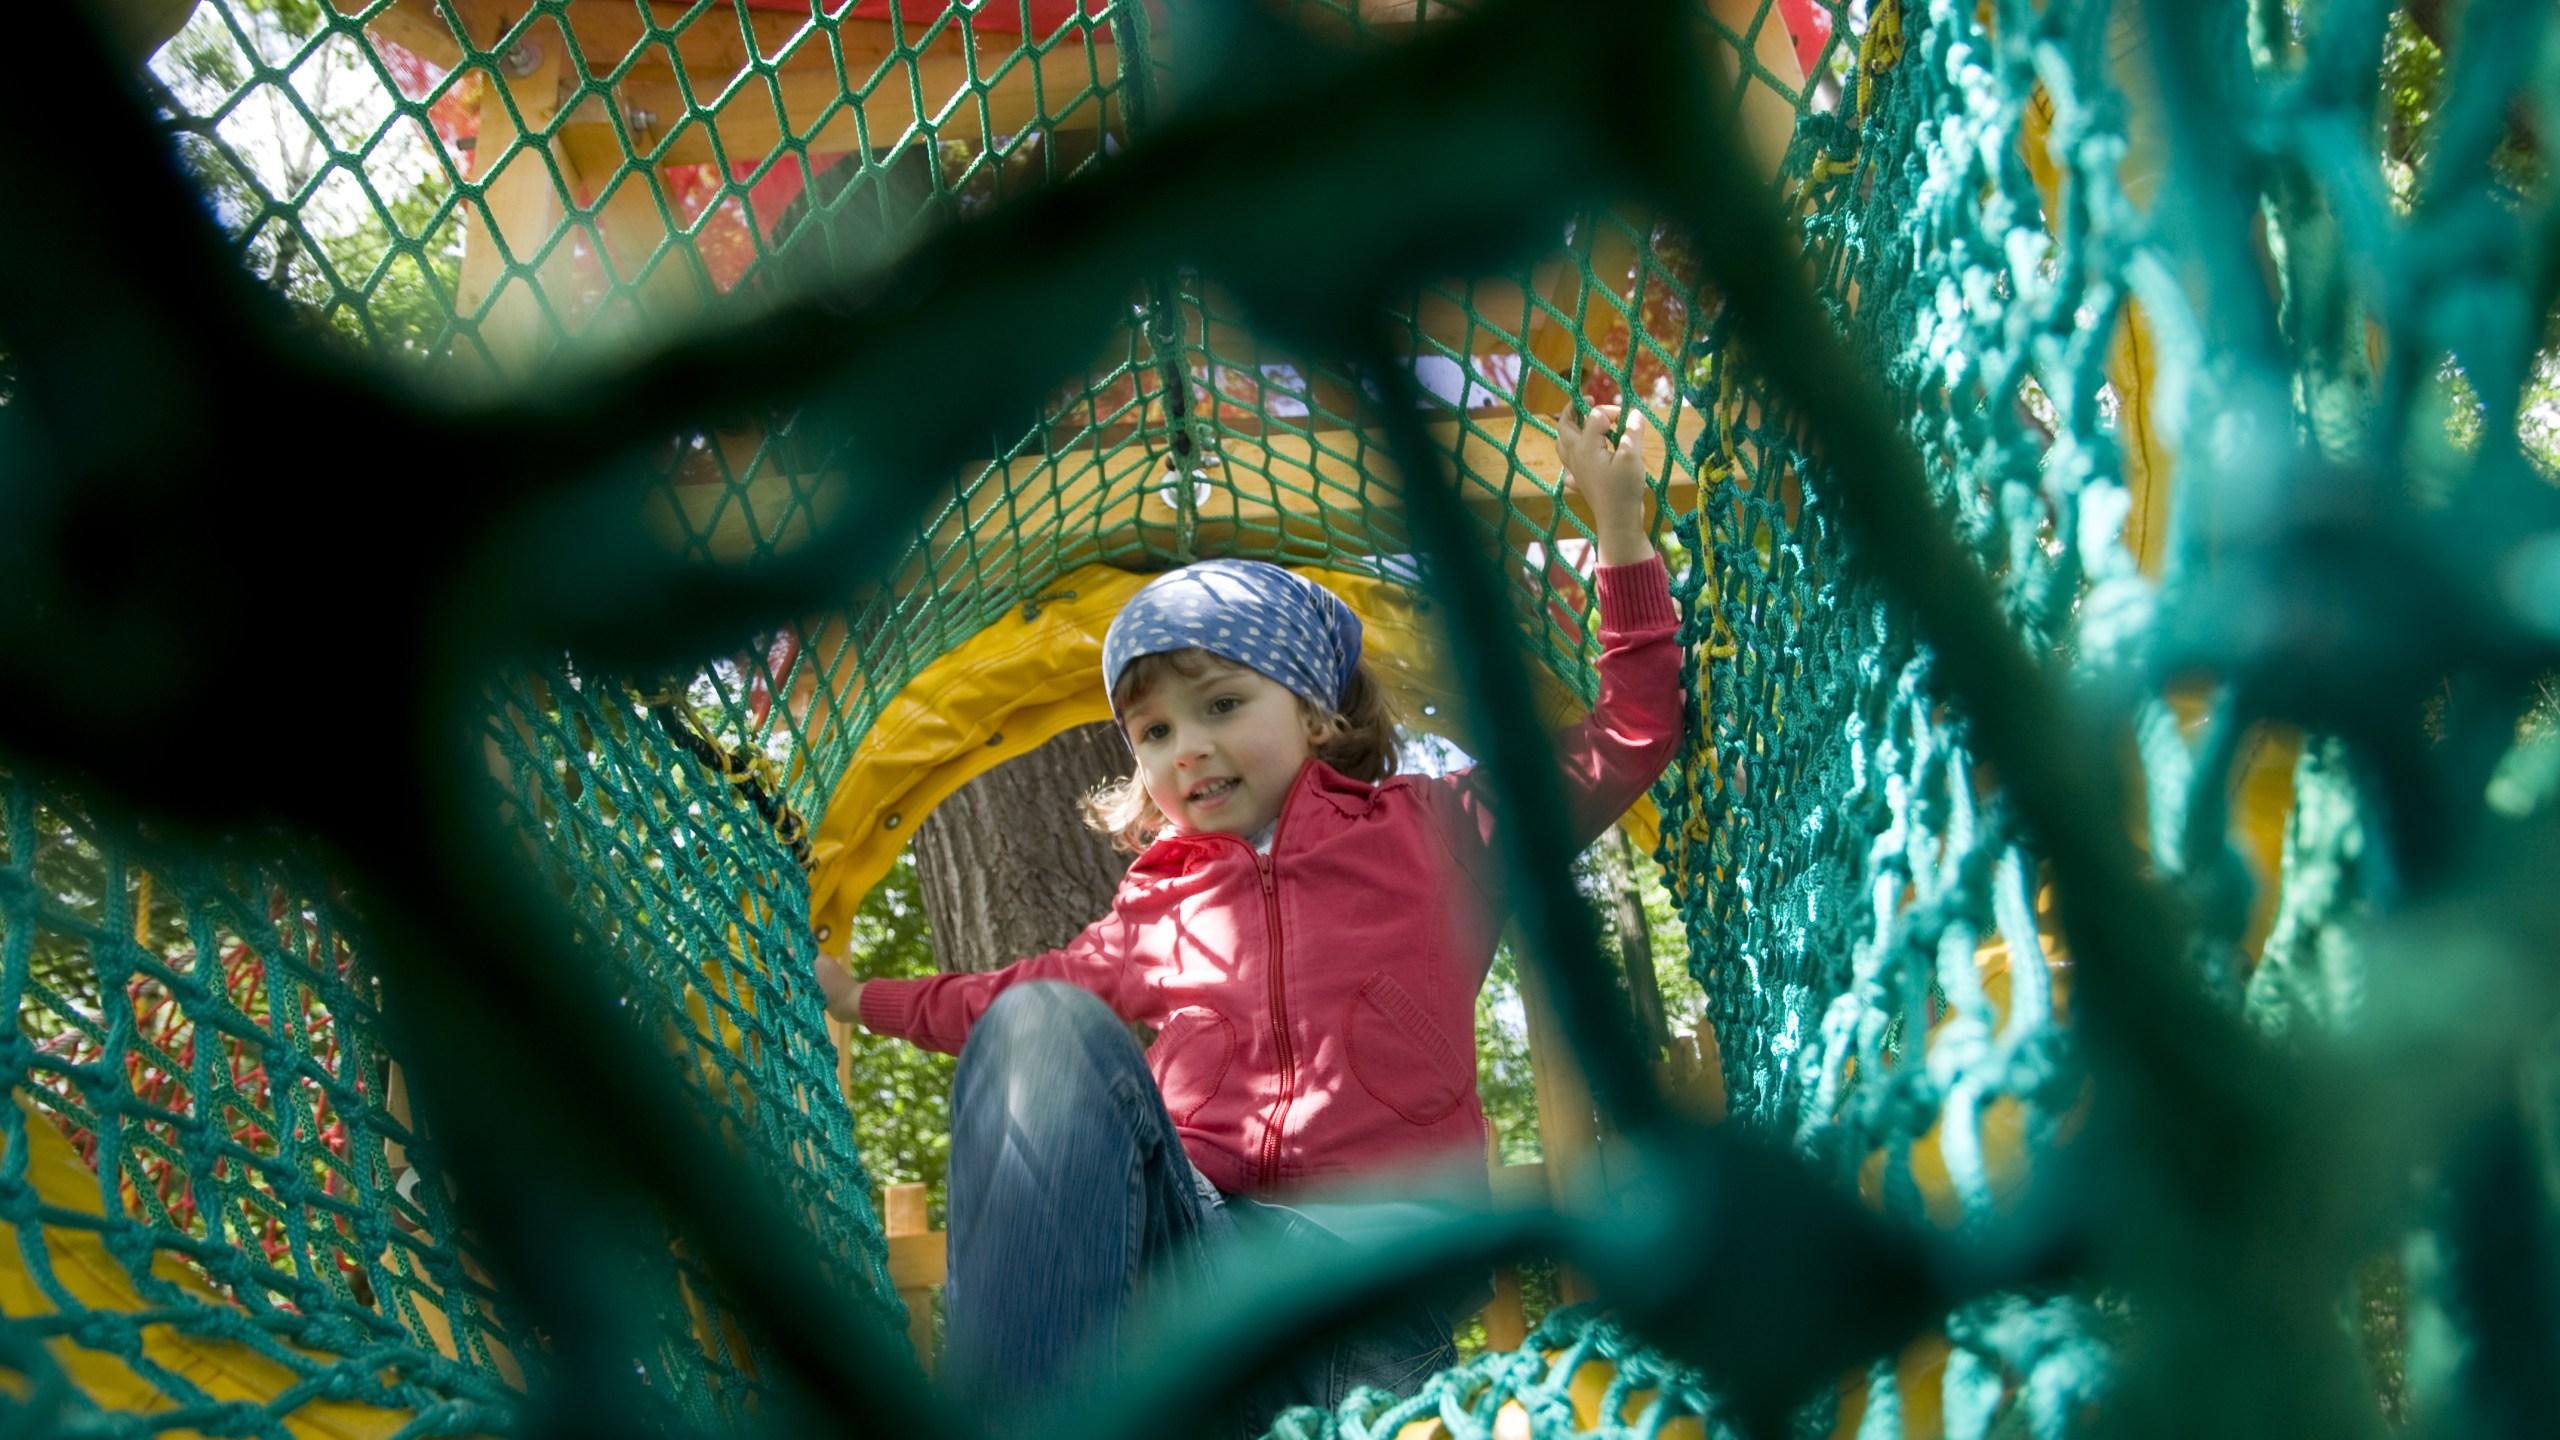 Playground_93998